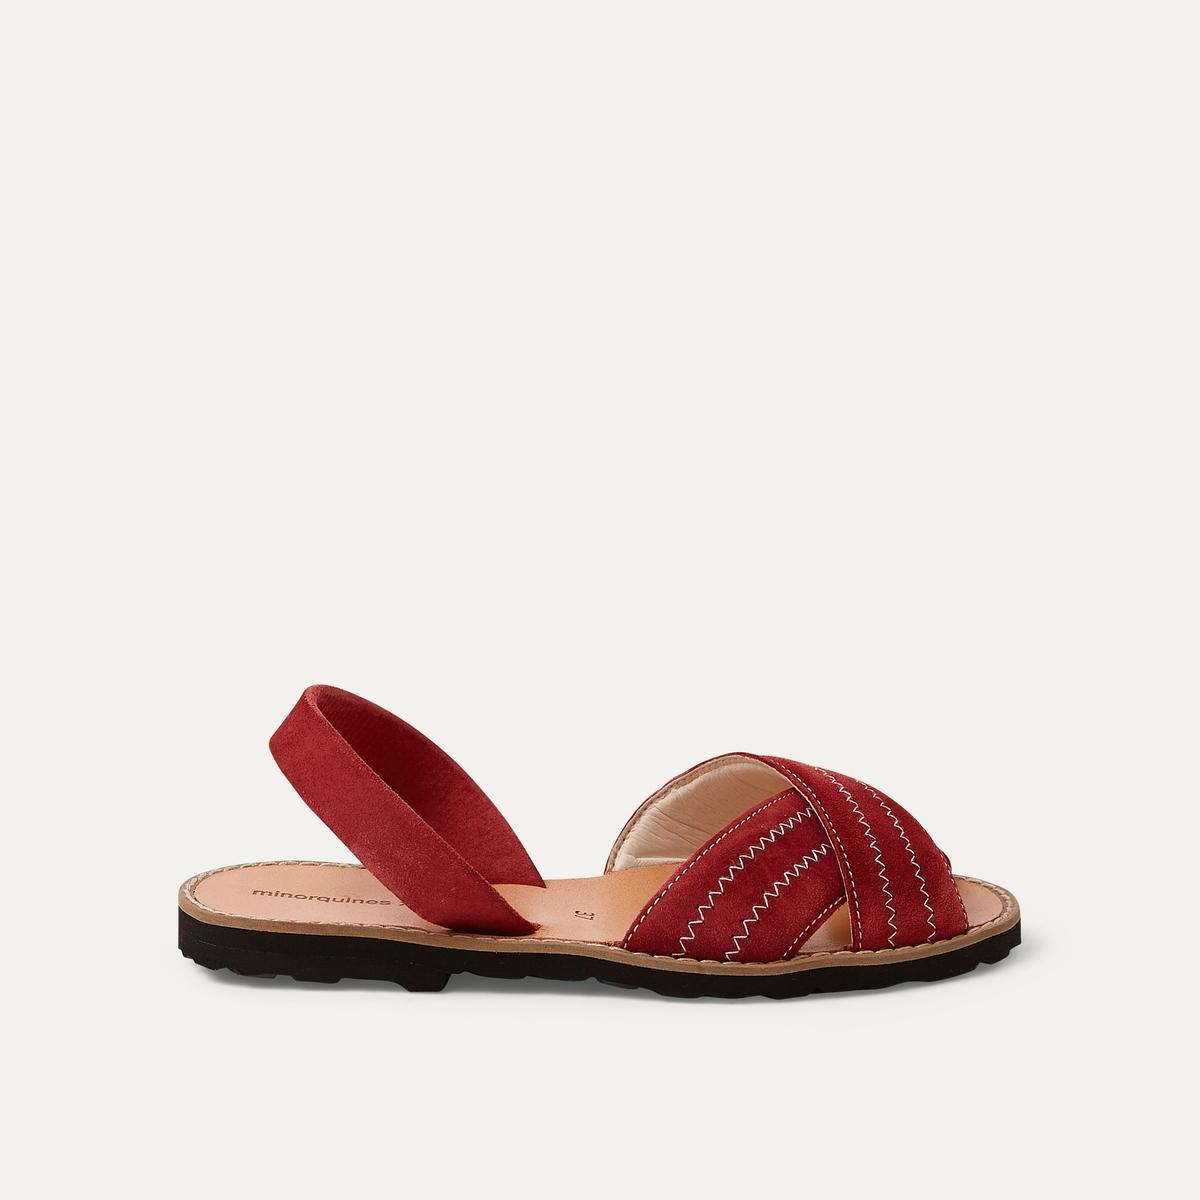 Босоножки кожаныеДетали  •  Плоский каблук •  Застежка : без застежки •  Открытый мысок •  Велюровая отделка, нубукСостав и уход  •  Верх 100% кожа •  Подошва 100% ЭВА<br><br>Цвет: бордовый,песочный<br>Размер: 39.38.37.41.40.39.38